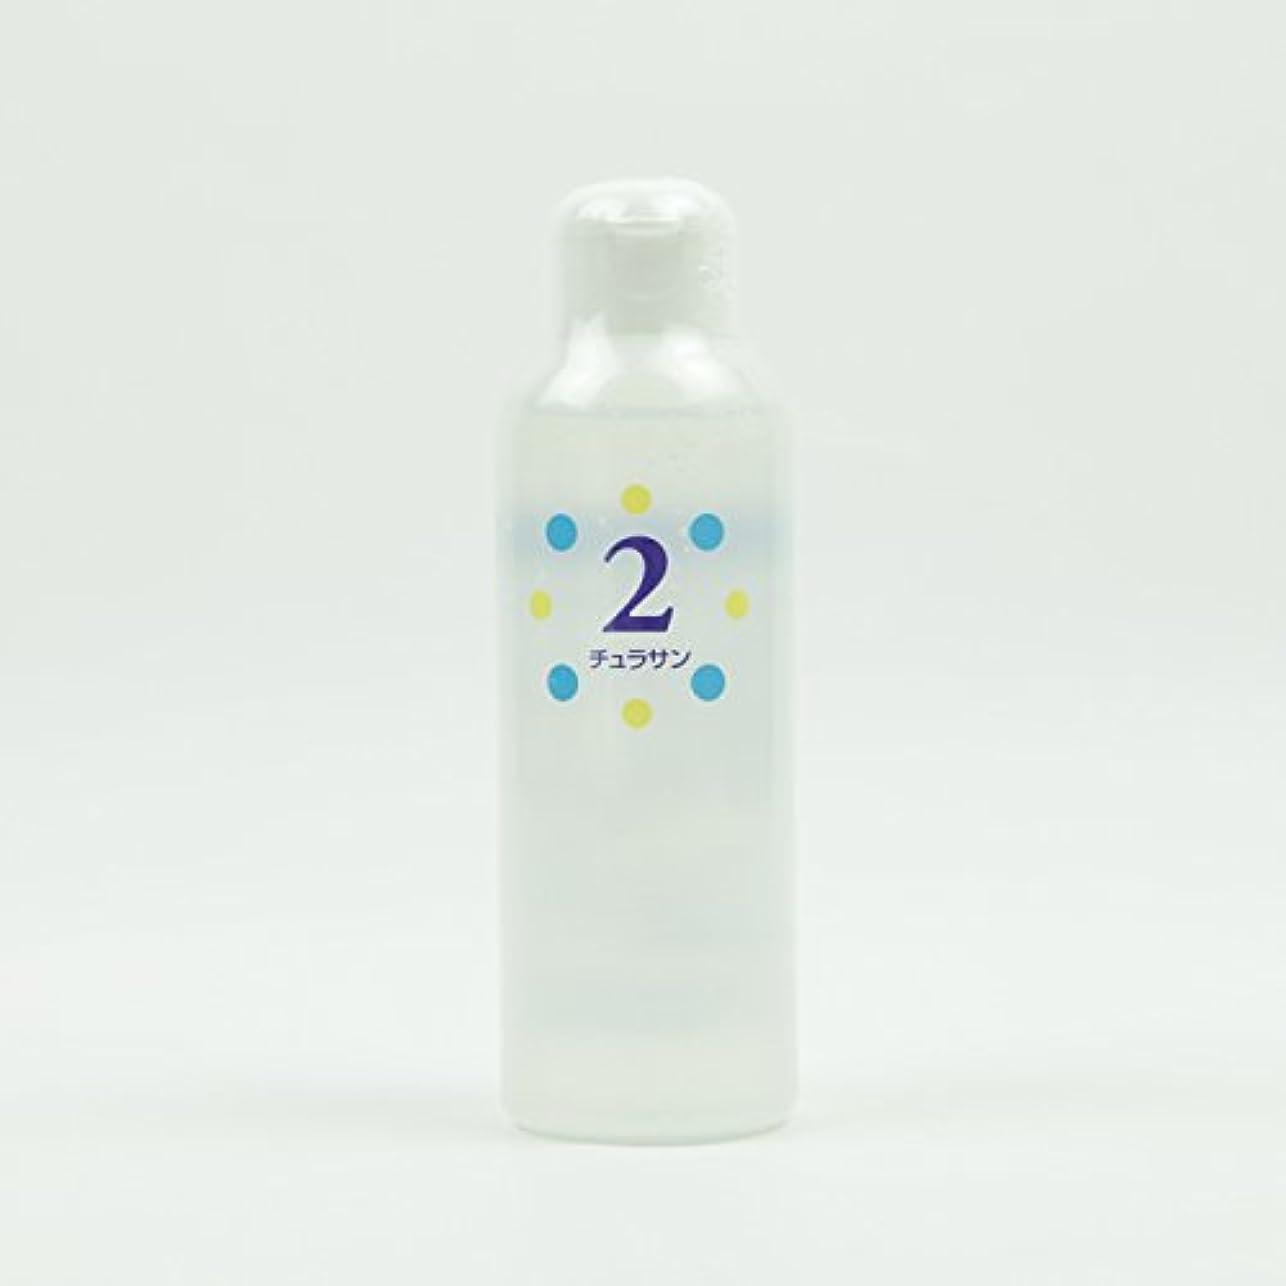 公平なセットするグラマーチュラサン2 【保湿ベール】 250ml